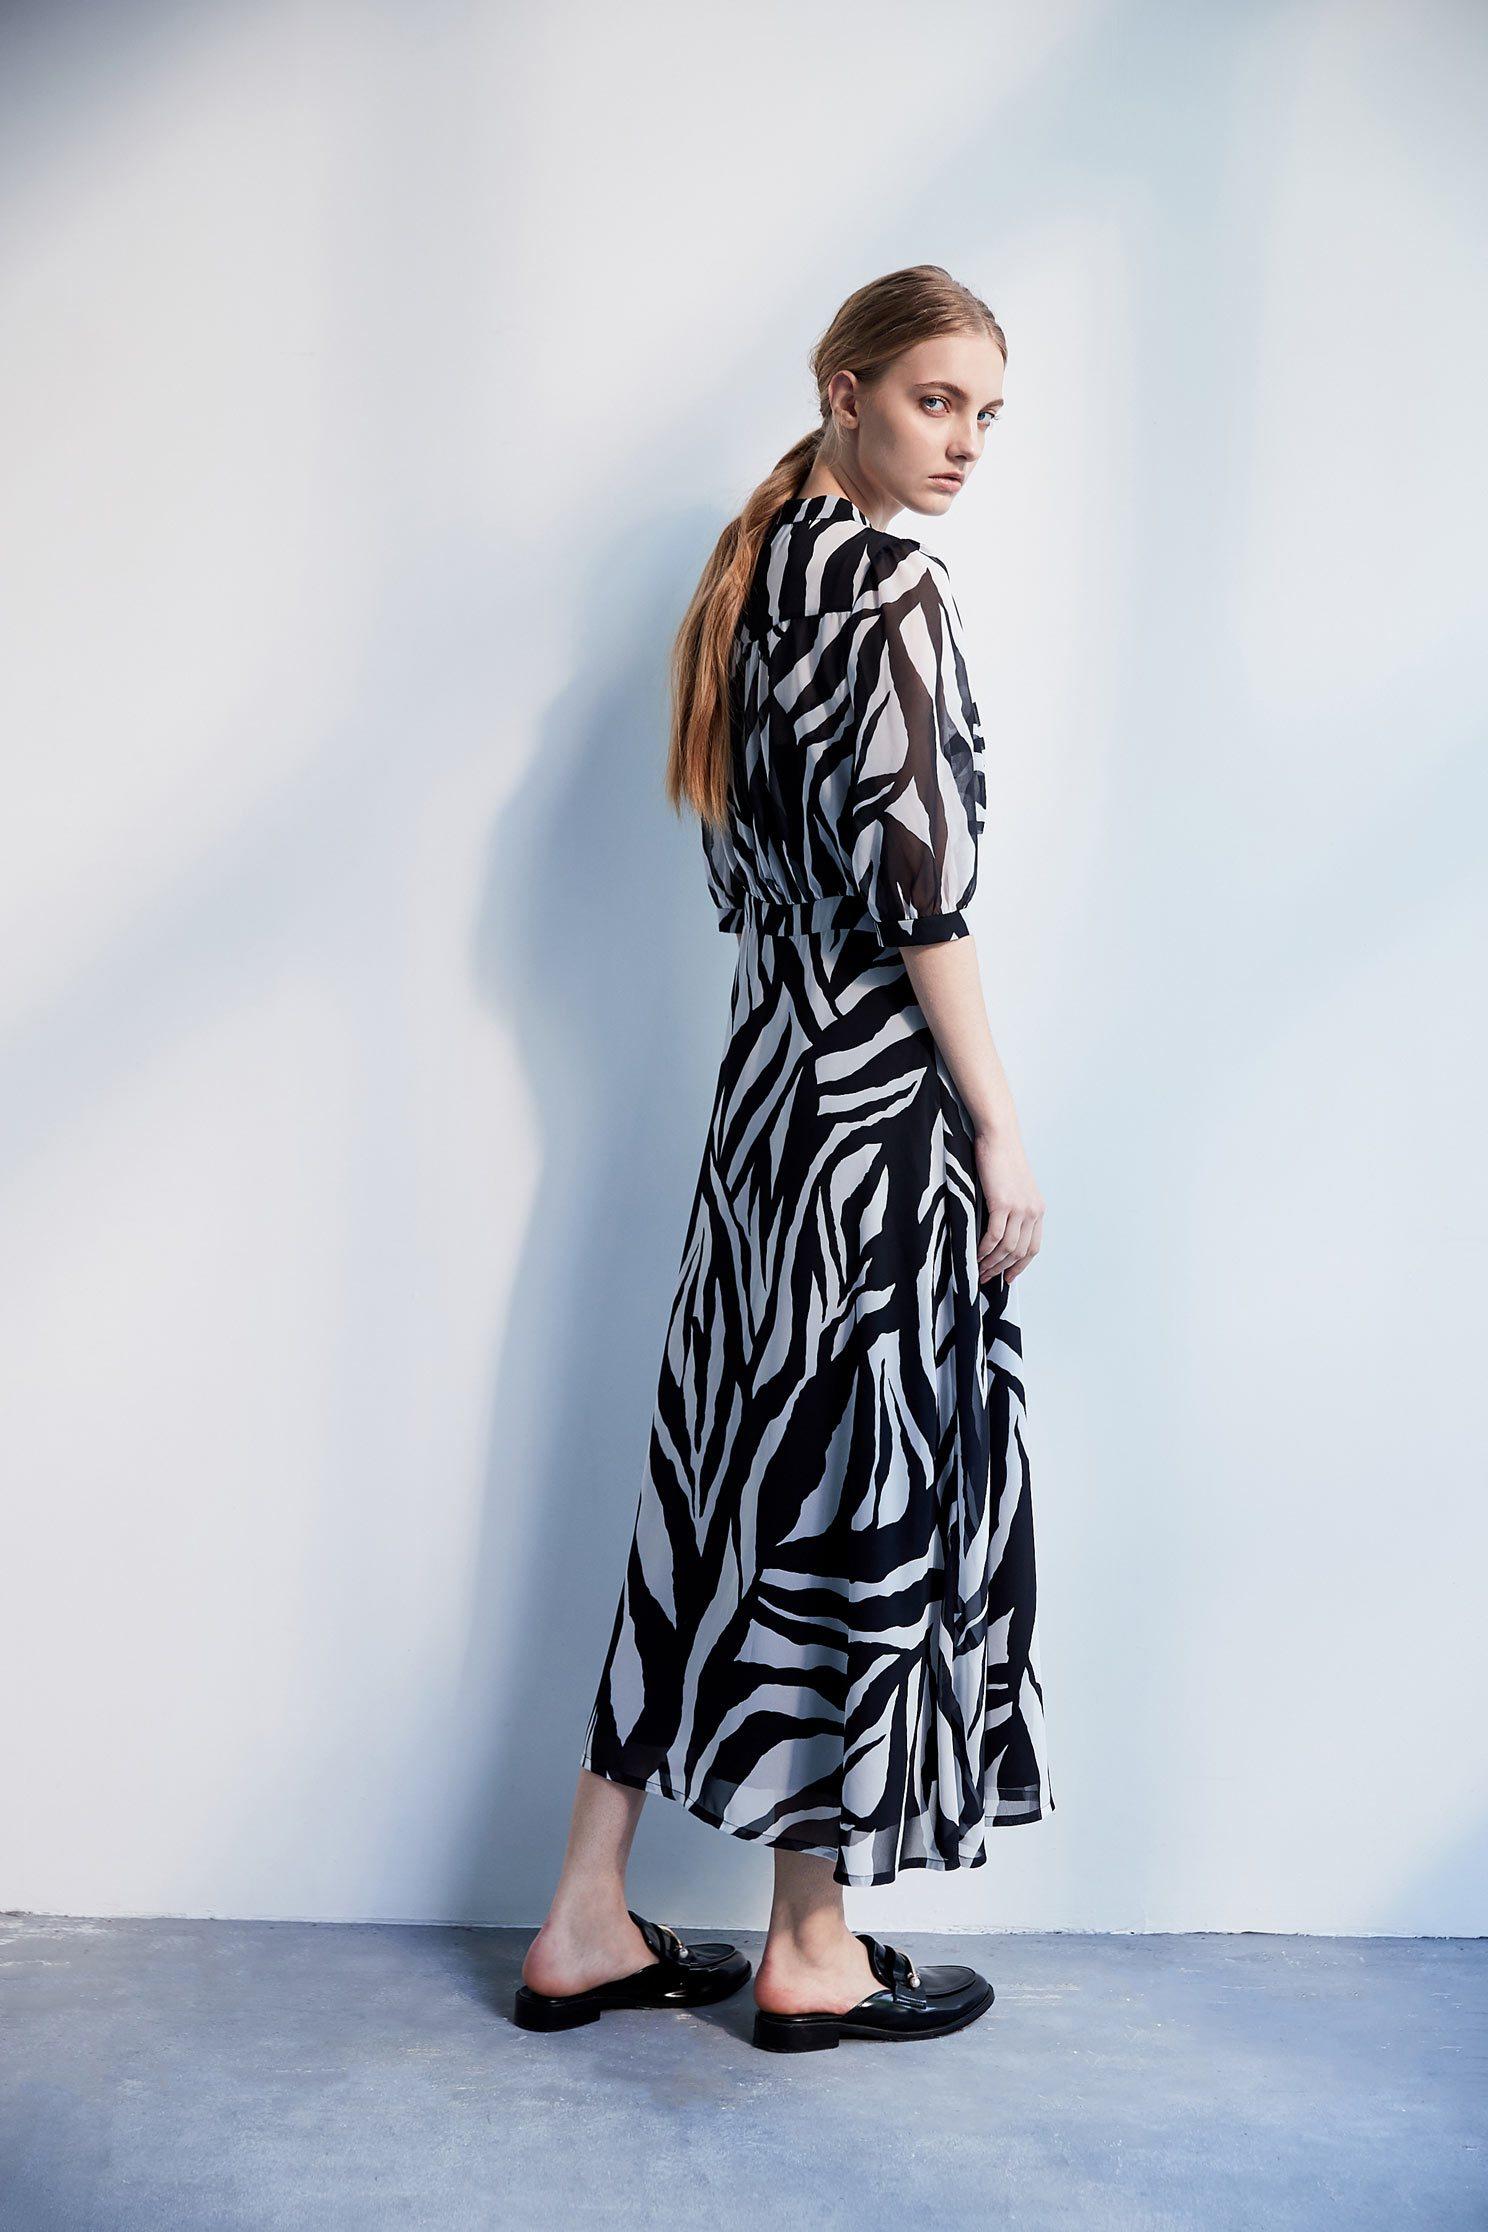 Zebra stripe classic fashion dress,dress,cocktaildress,perspectivedress,chiffon,chiffondress